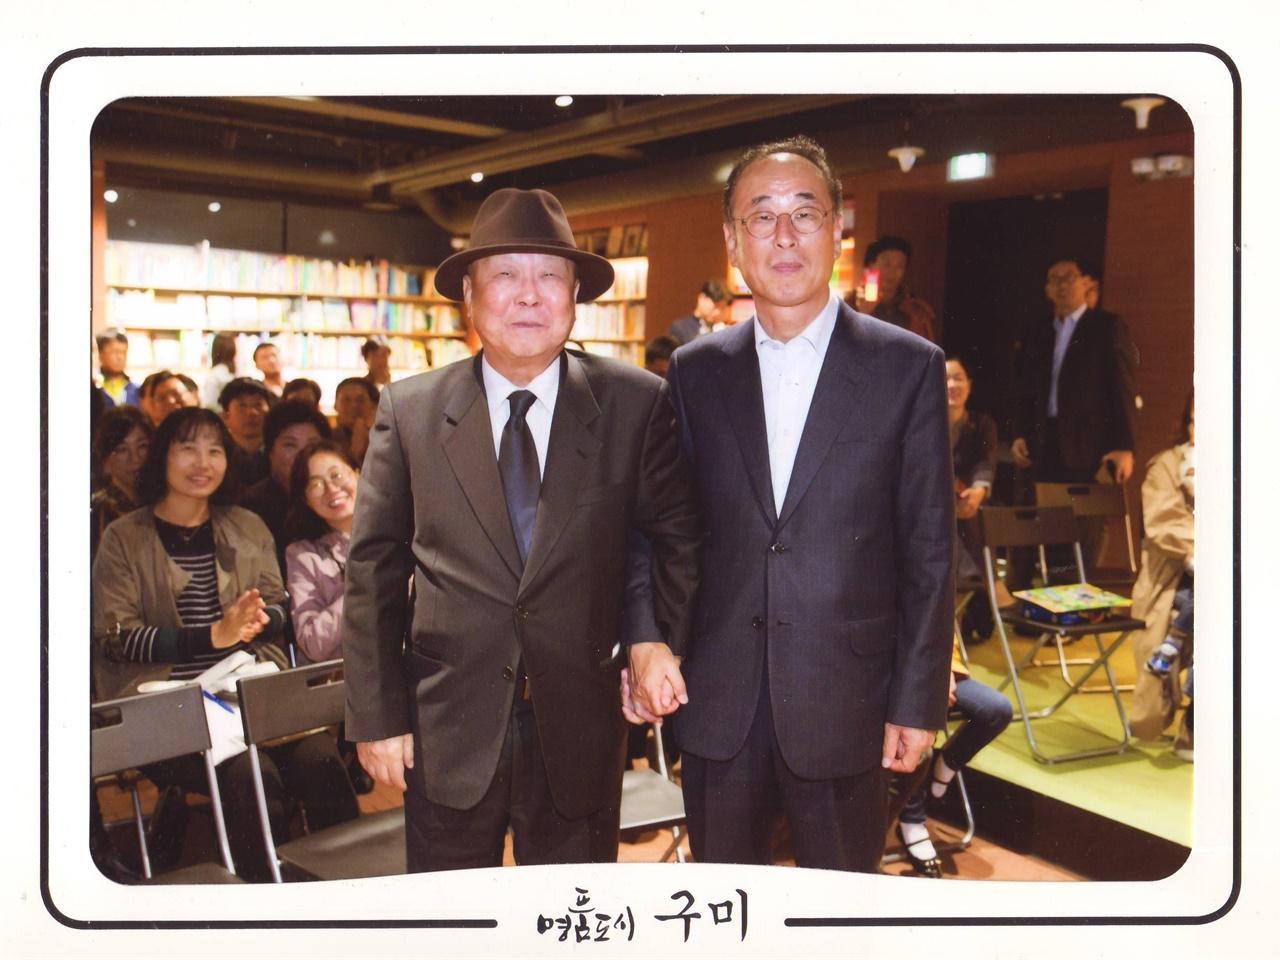 북콘서트 장으로 찾아온 장세용(오른쪽) 구미 시장.